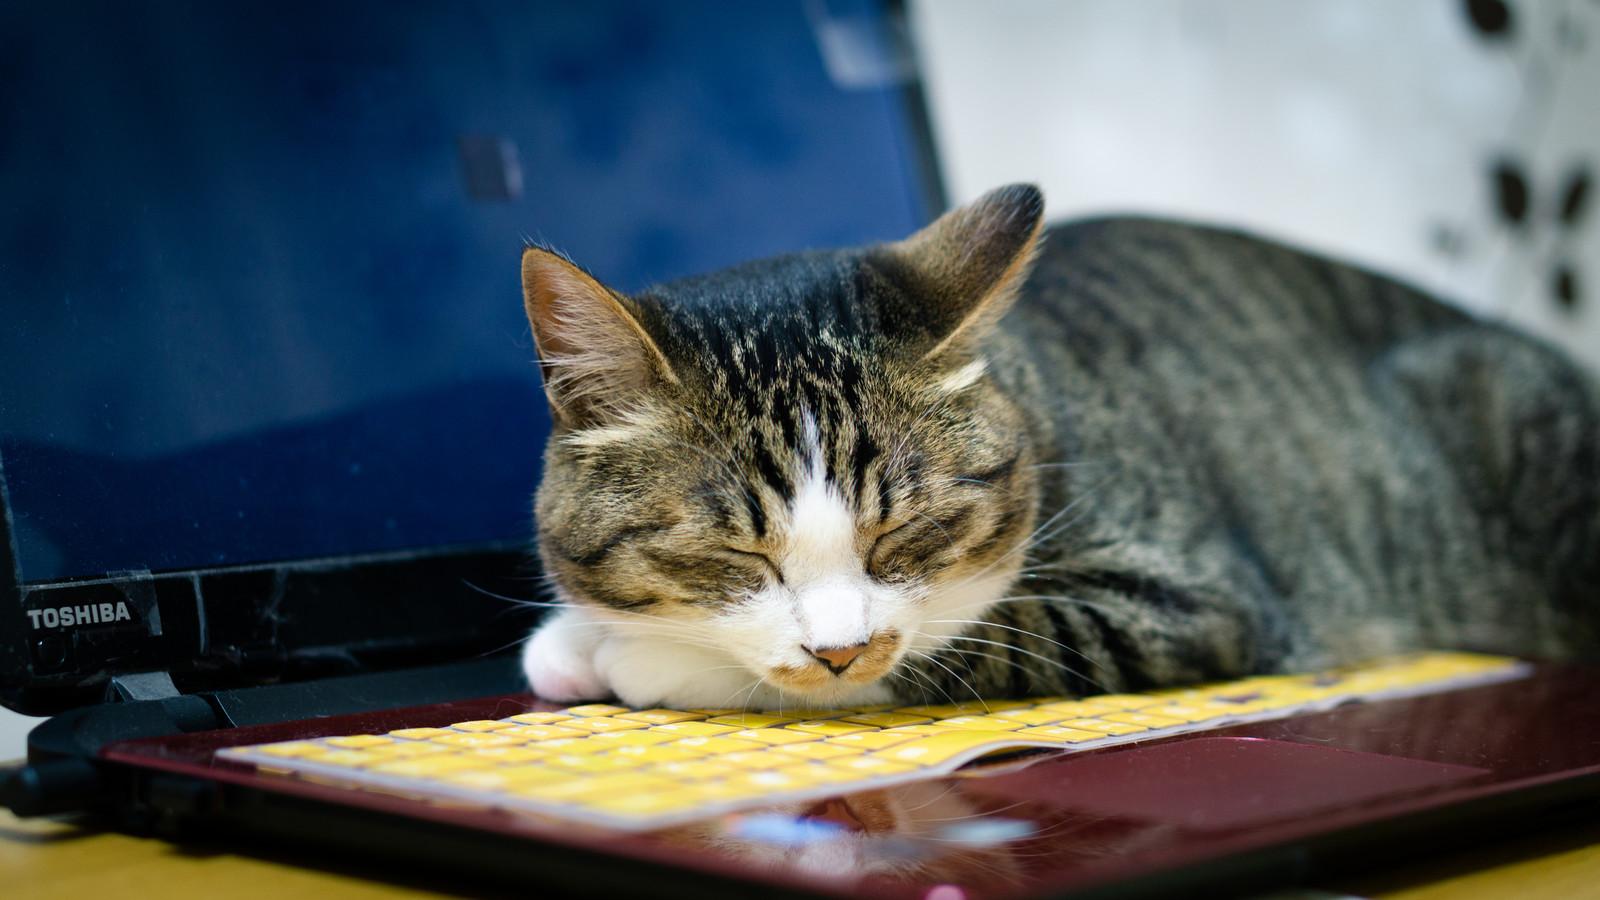 ノートPCの熱が暖かくて、その上でうたた寝する猫のフリー画像(写真)